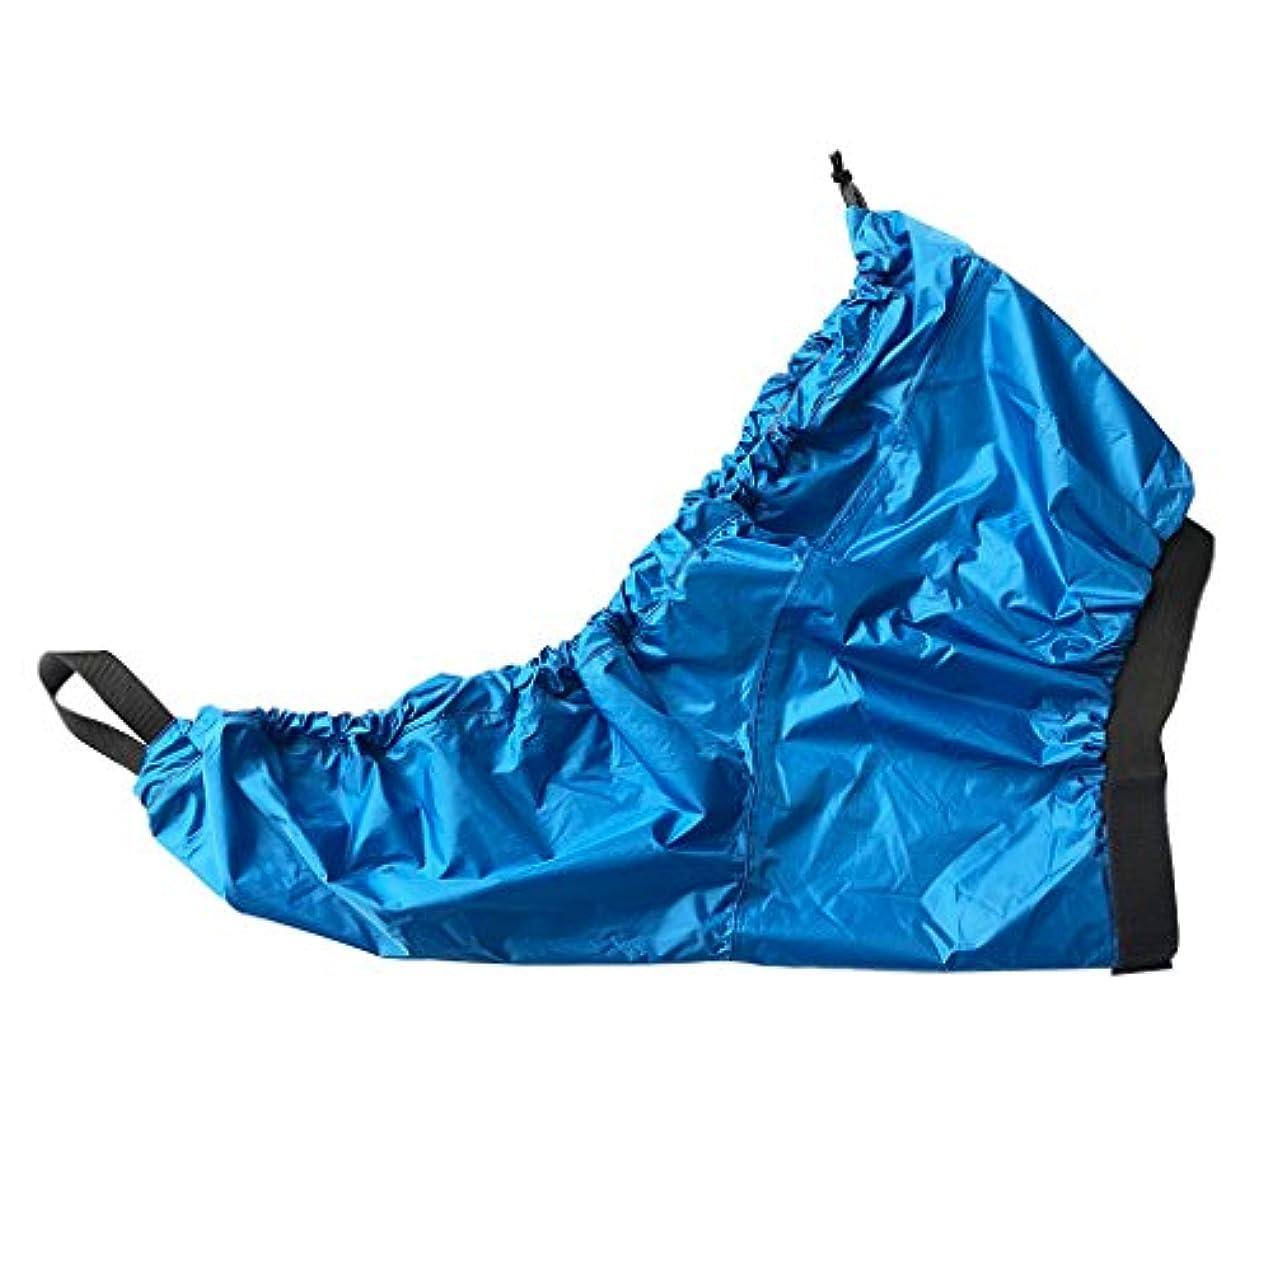 分散散歩下手Perfeclan 防水性 ユニバーサル 調整可能 カヤック コックピット スプレー スカート デッキカバー - サイズと色を選択 全3色4サイズ - 青, S